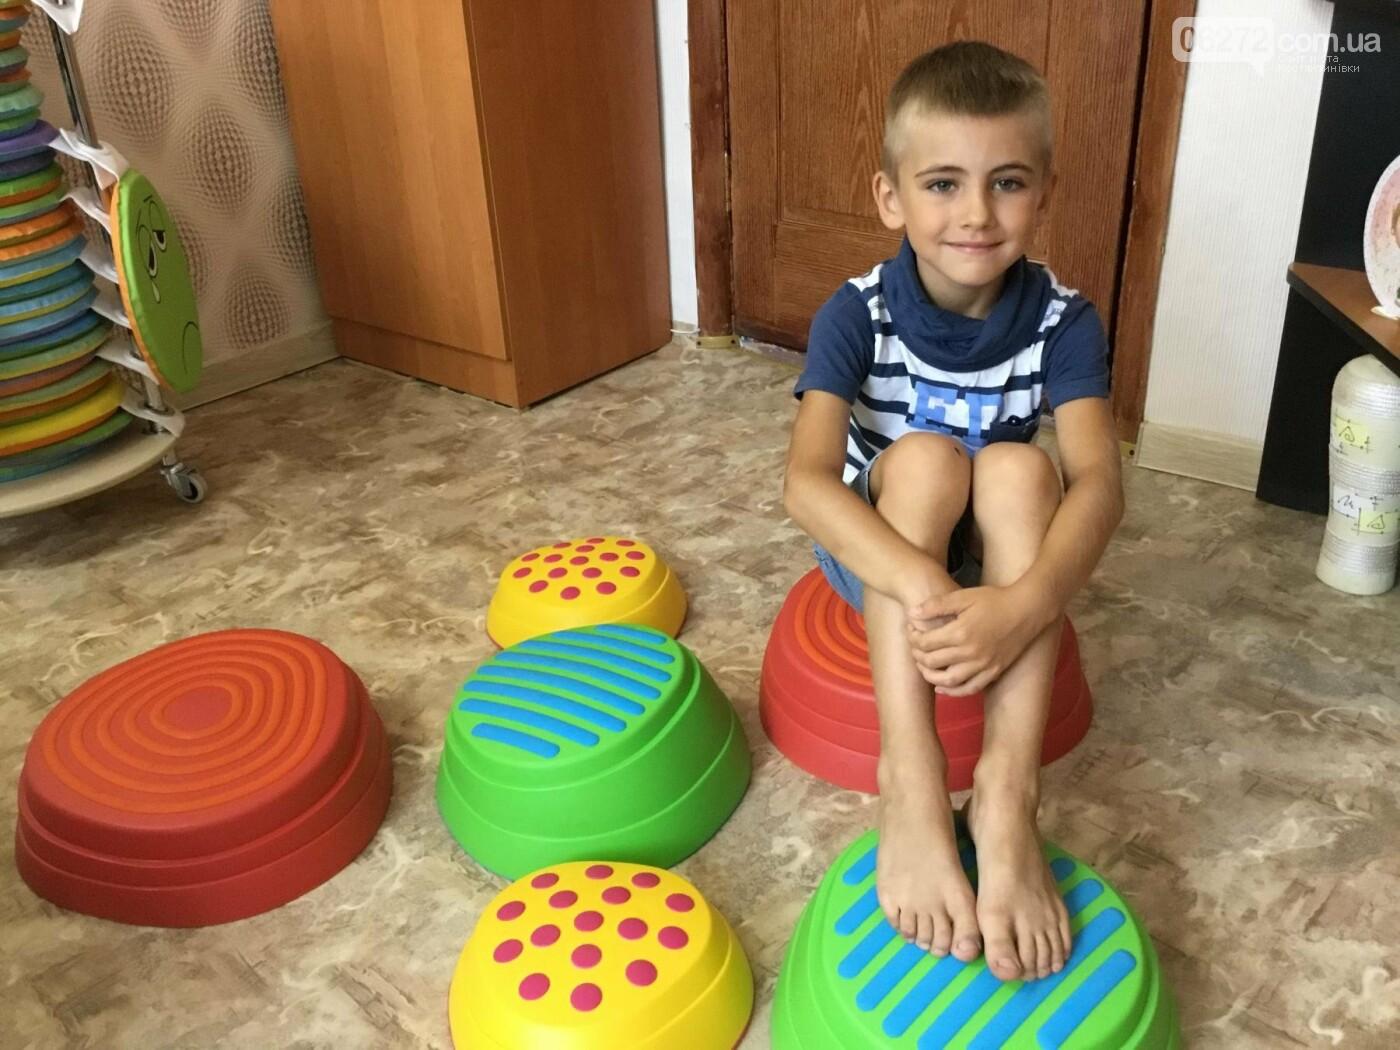 У Костянтинівці в дитячій інклюзивній групі з'явилось сучасне обладнання, фото-13